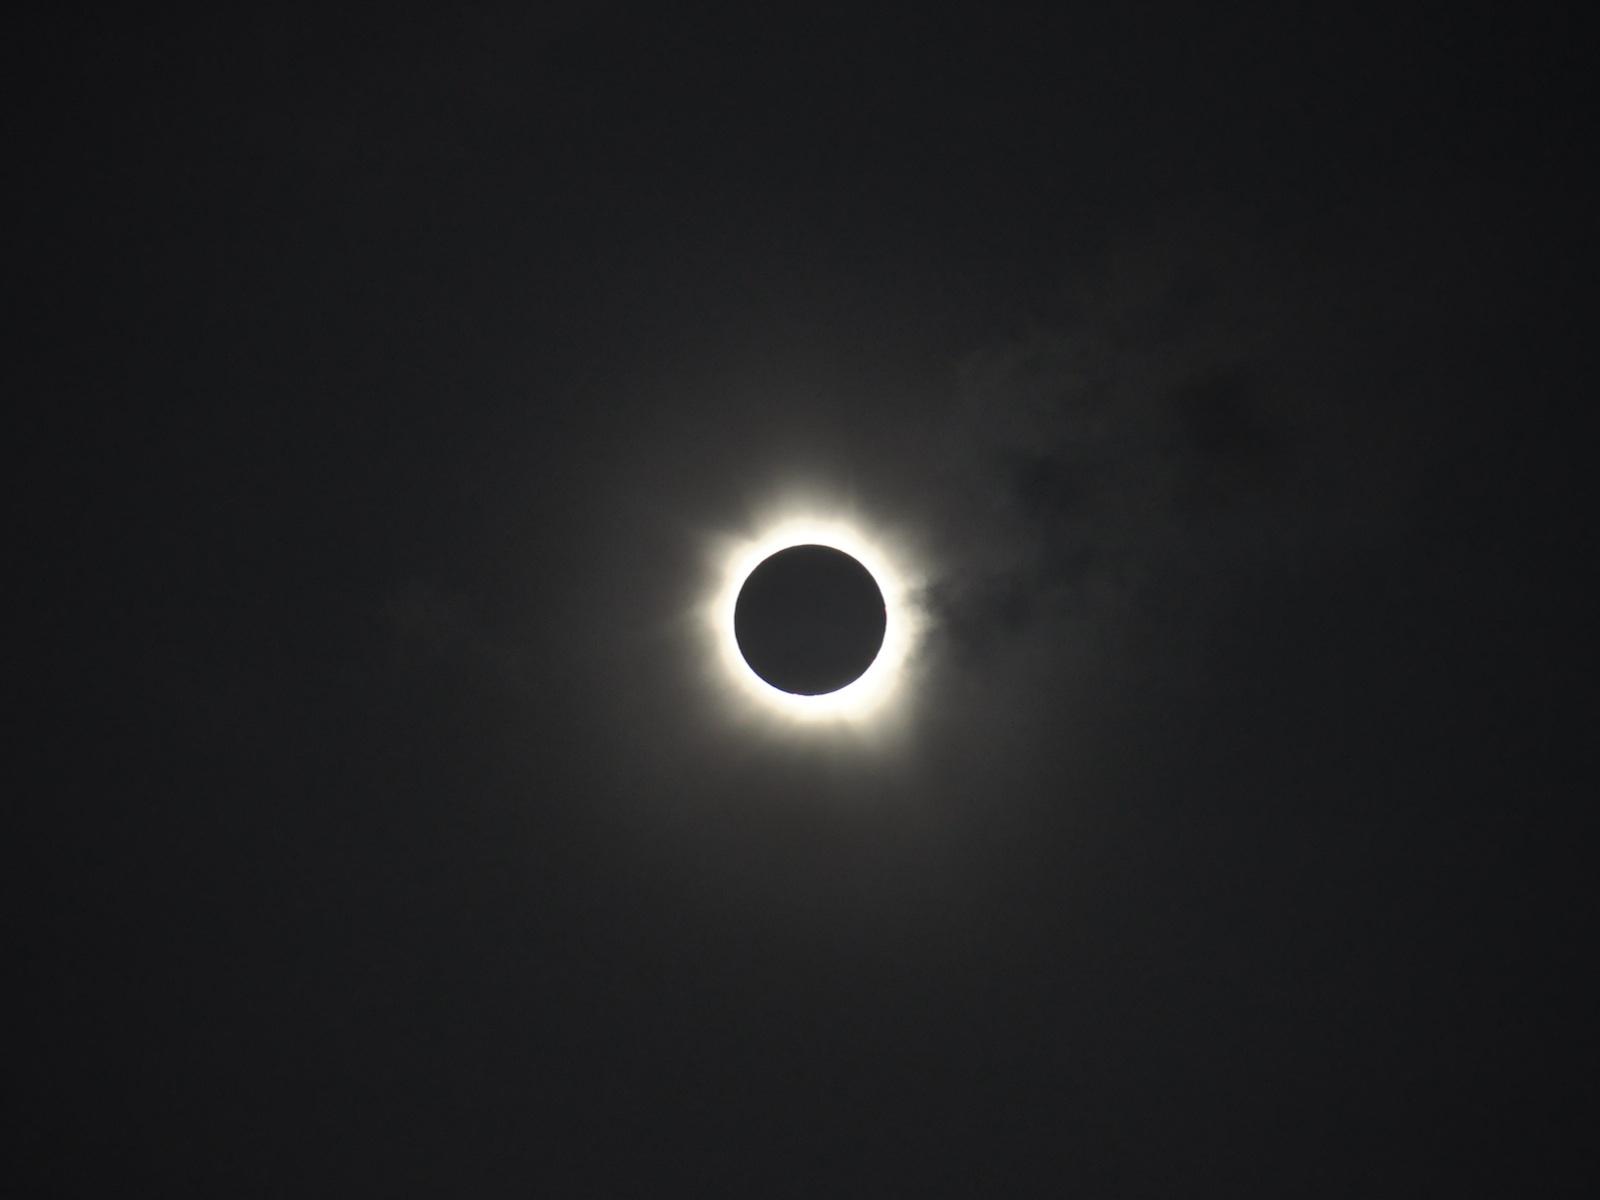 Proba-2 Soaks Up Three Solar Eclipses 1600